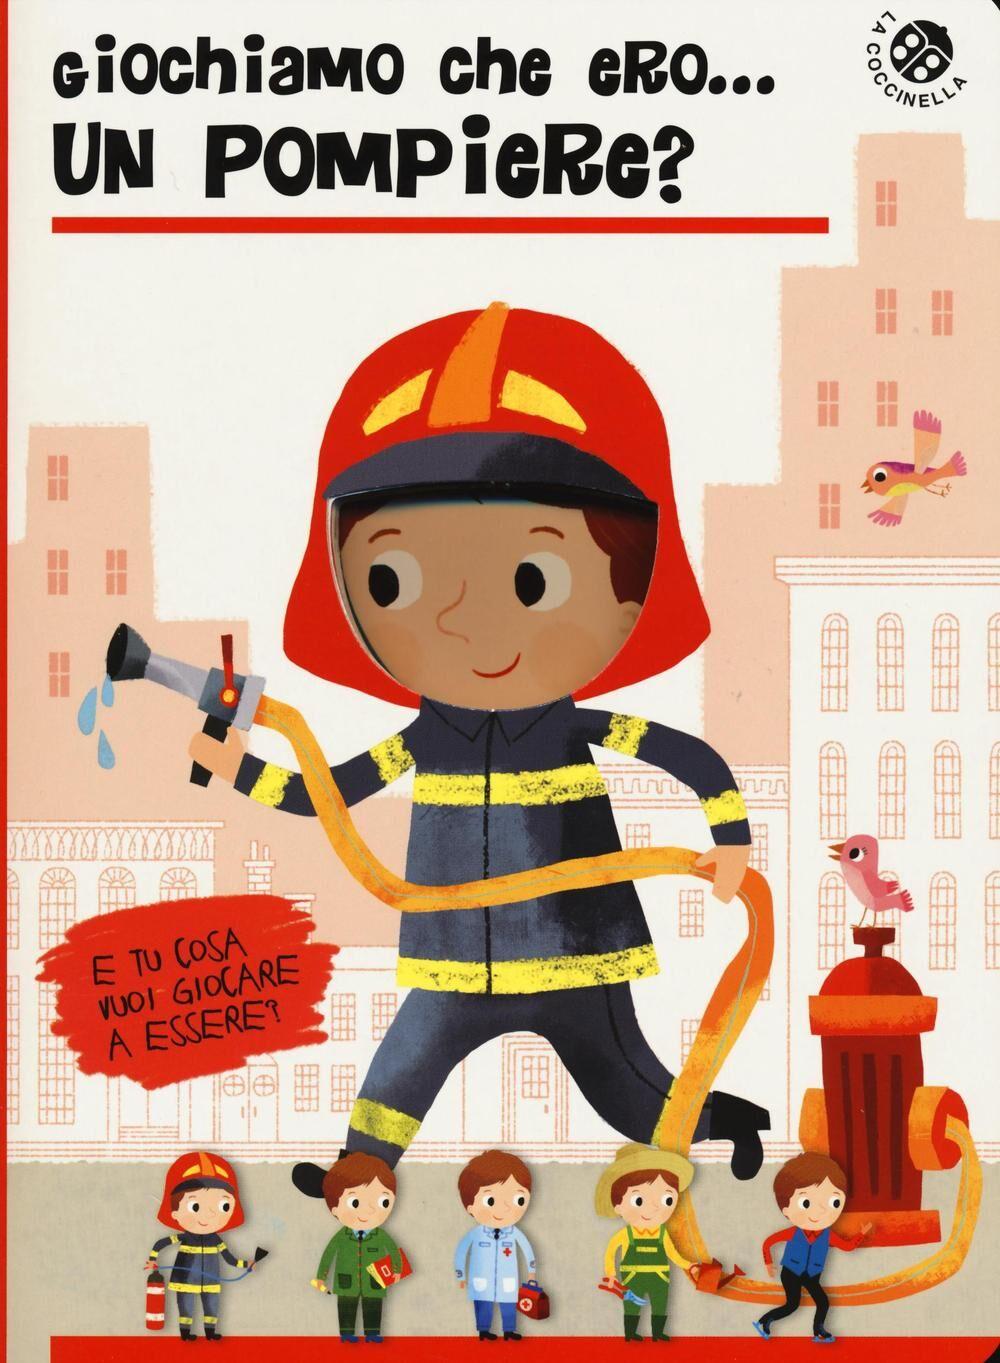 Giochiamo che ero... un pompiere?